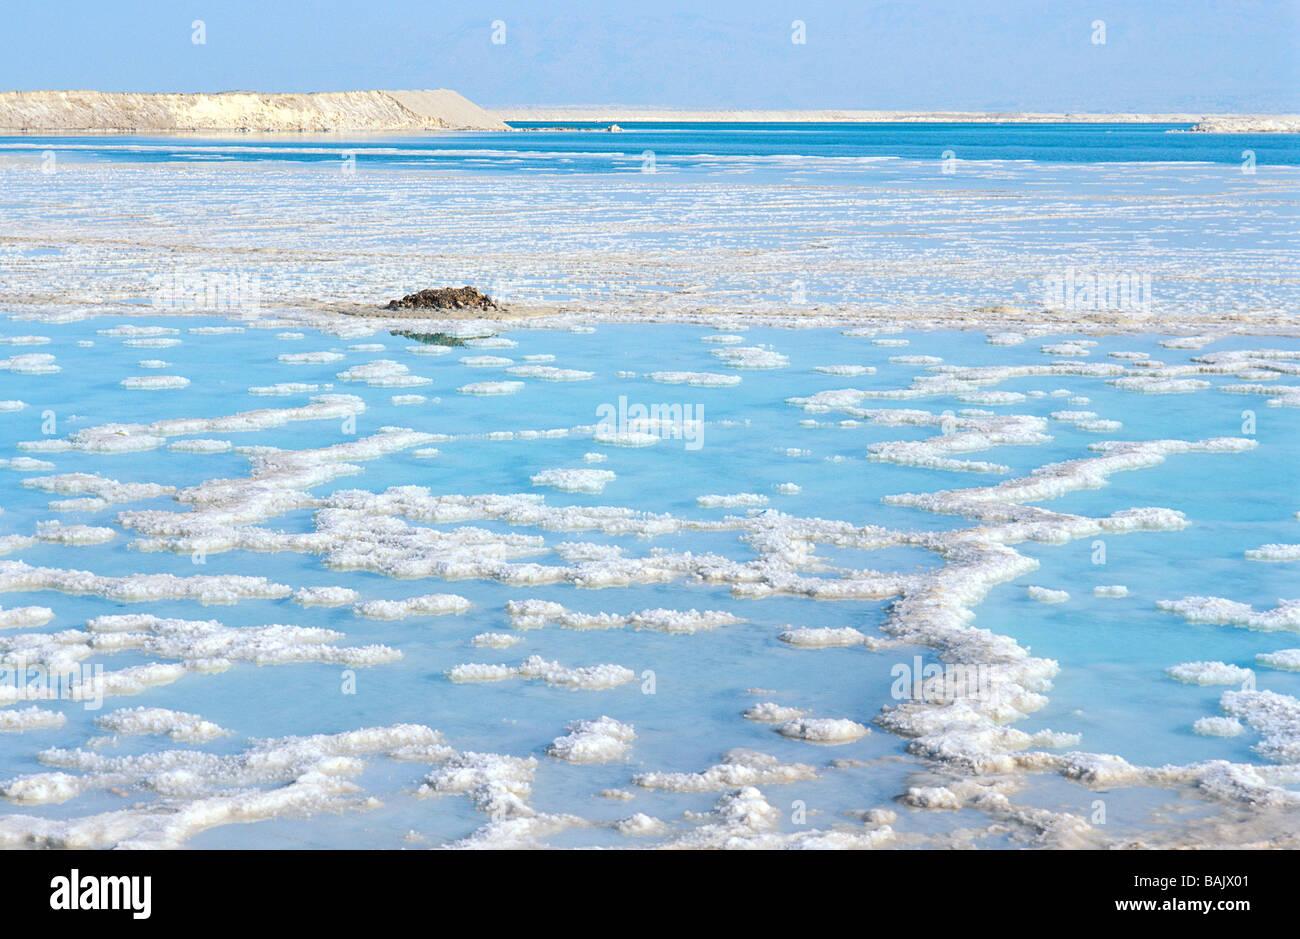 Israel, Dead Sea, salt formation - Stock Image